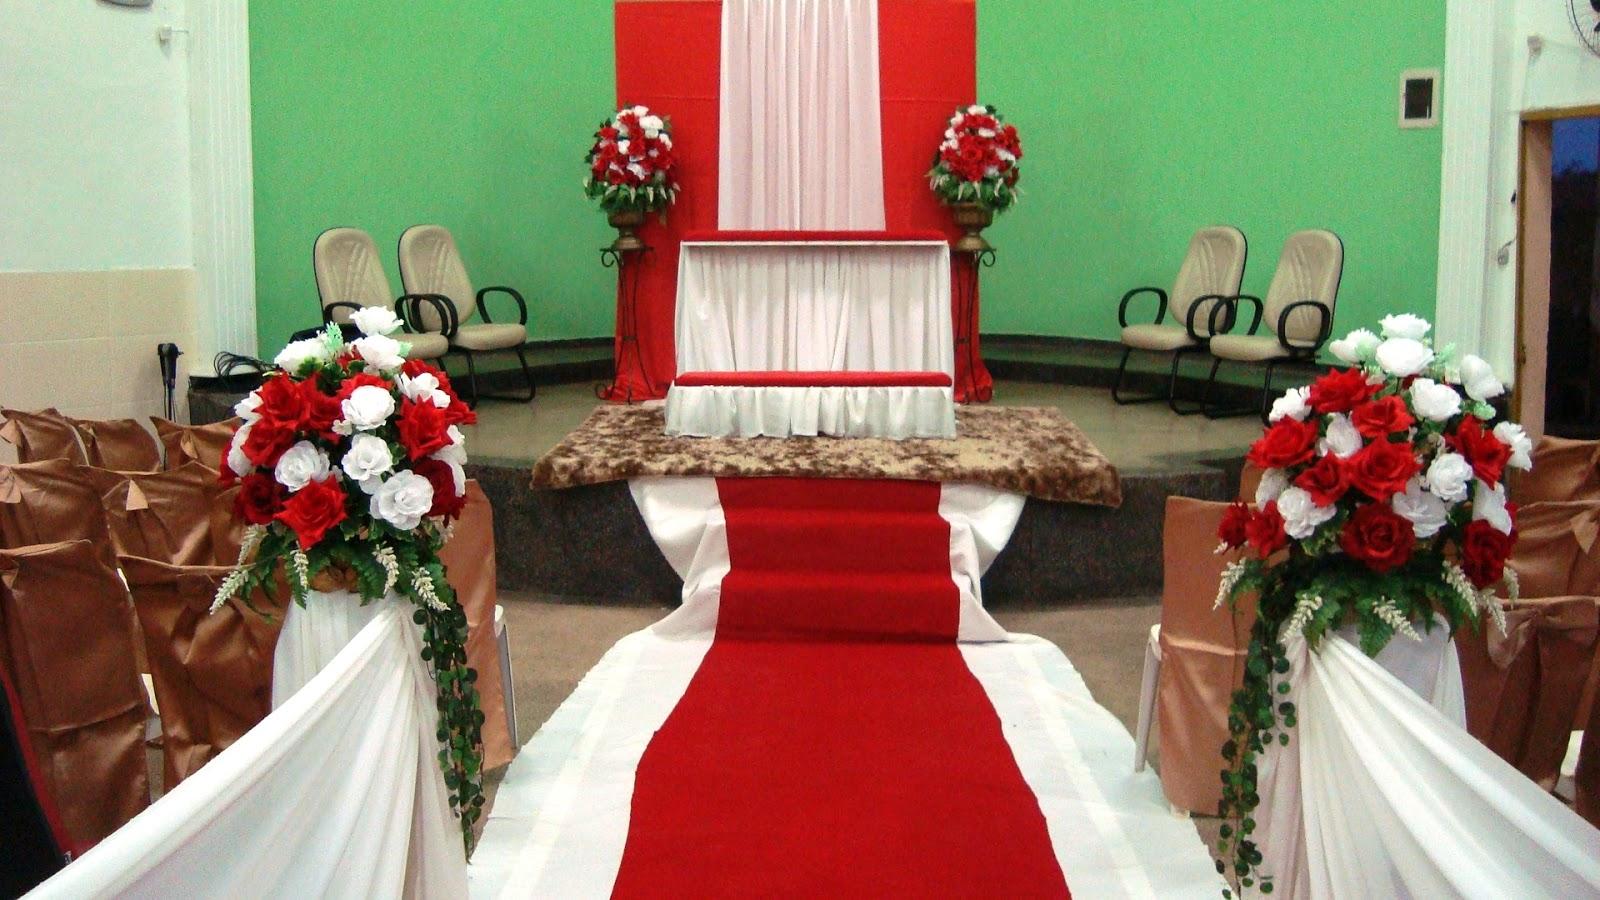 Decoraç u00e3o de casamento igreja Chácara Jardins Espaço e Eventos -> Decoração De Casamento Vermelho E Branco Simples Na Igreja